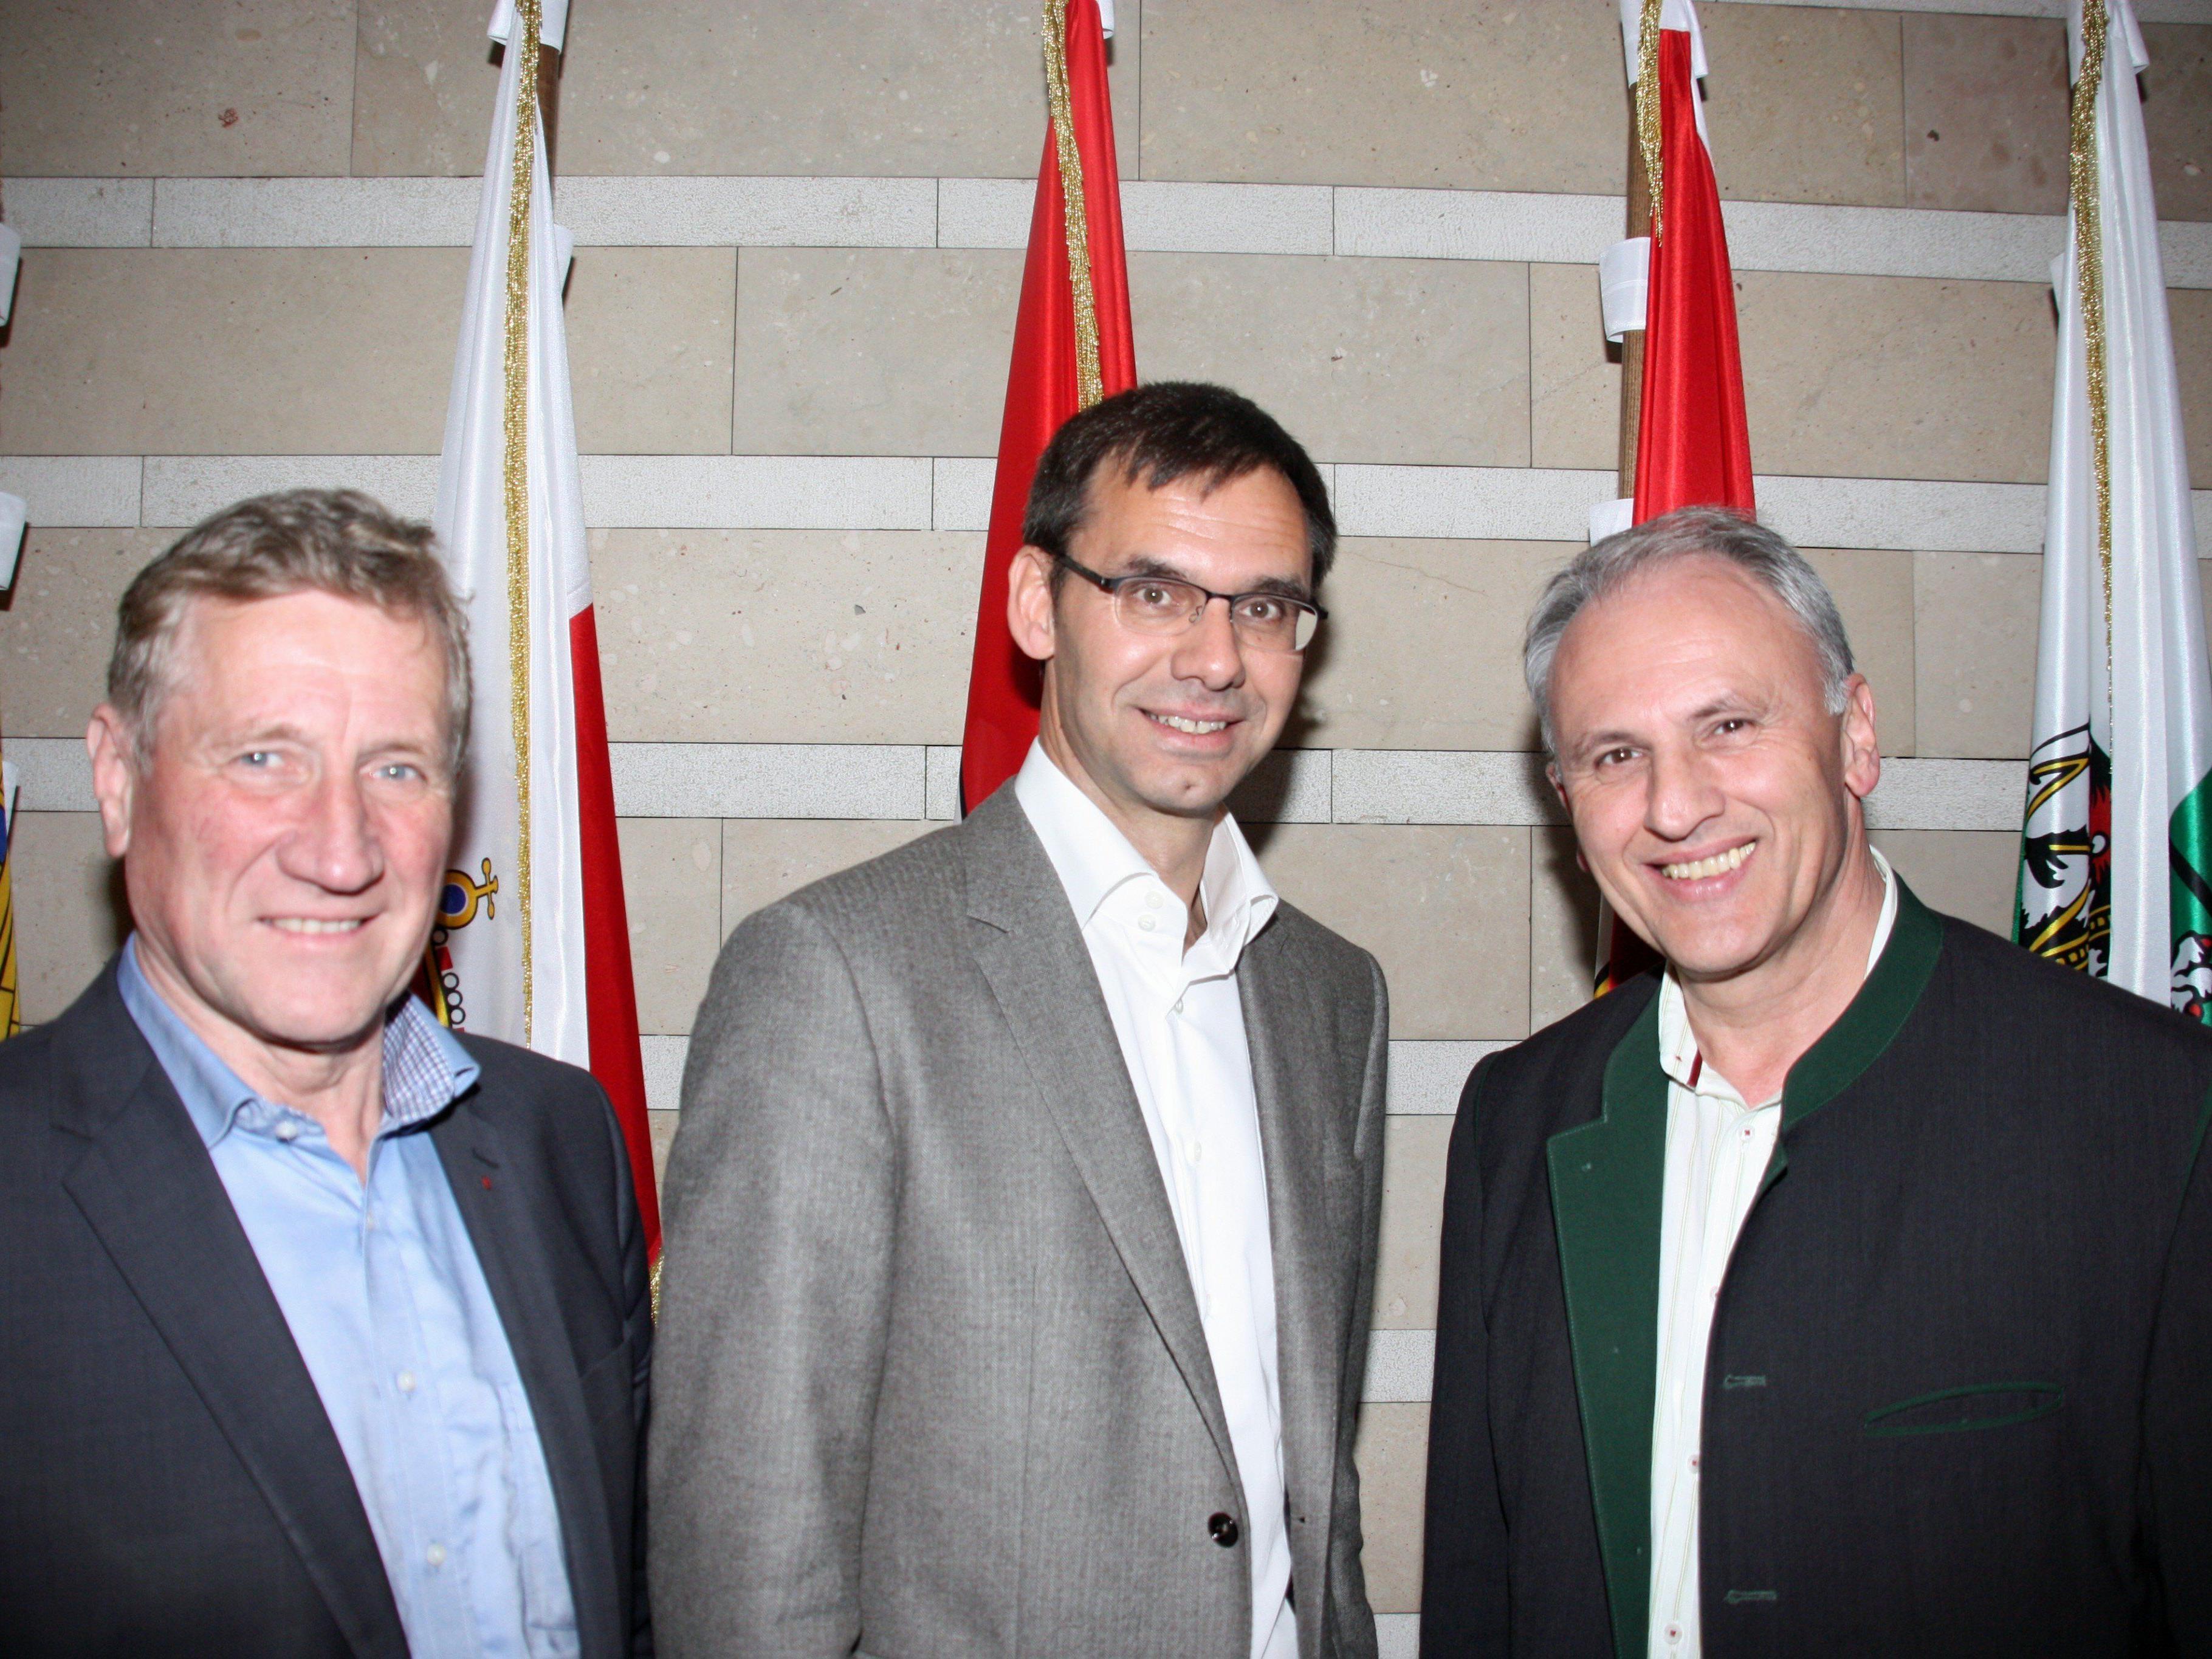 Treffen im Landhaus: Wolfram Baldauf, Obmann des Vorarlberger Blasmusikverbands, bei Landeshauptmann Markus Wallner und Landesrat Erich Schwärzler.